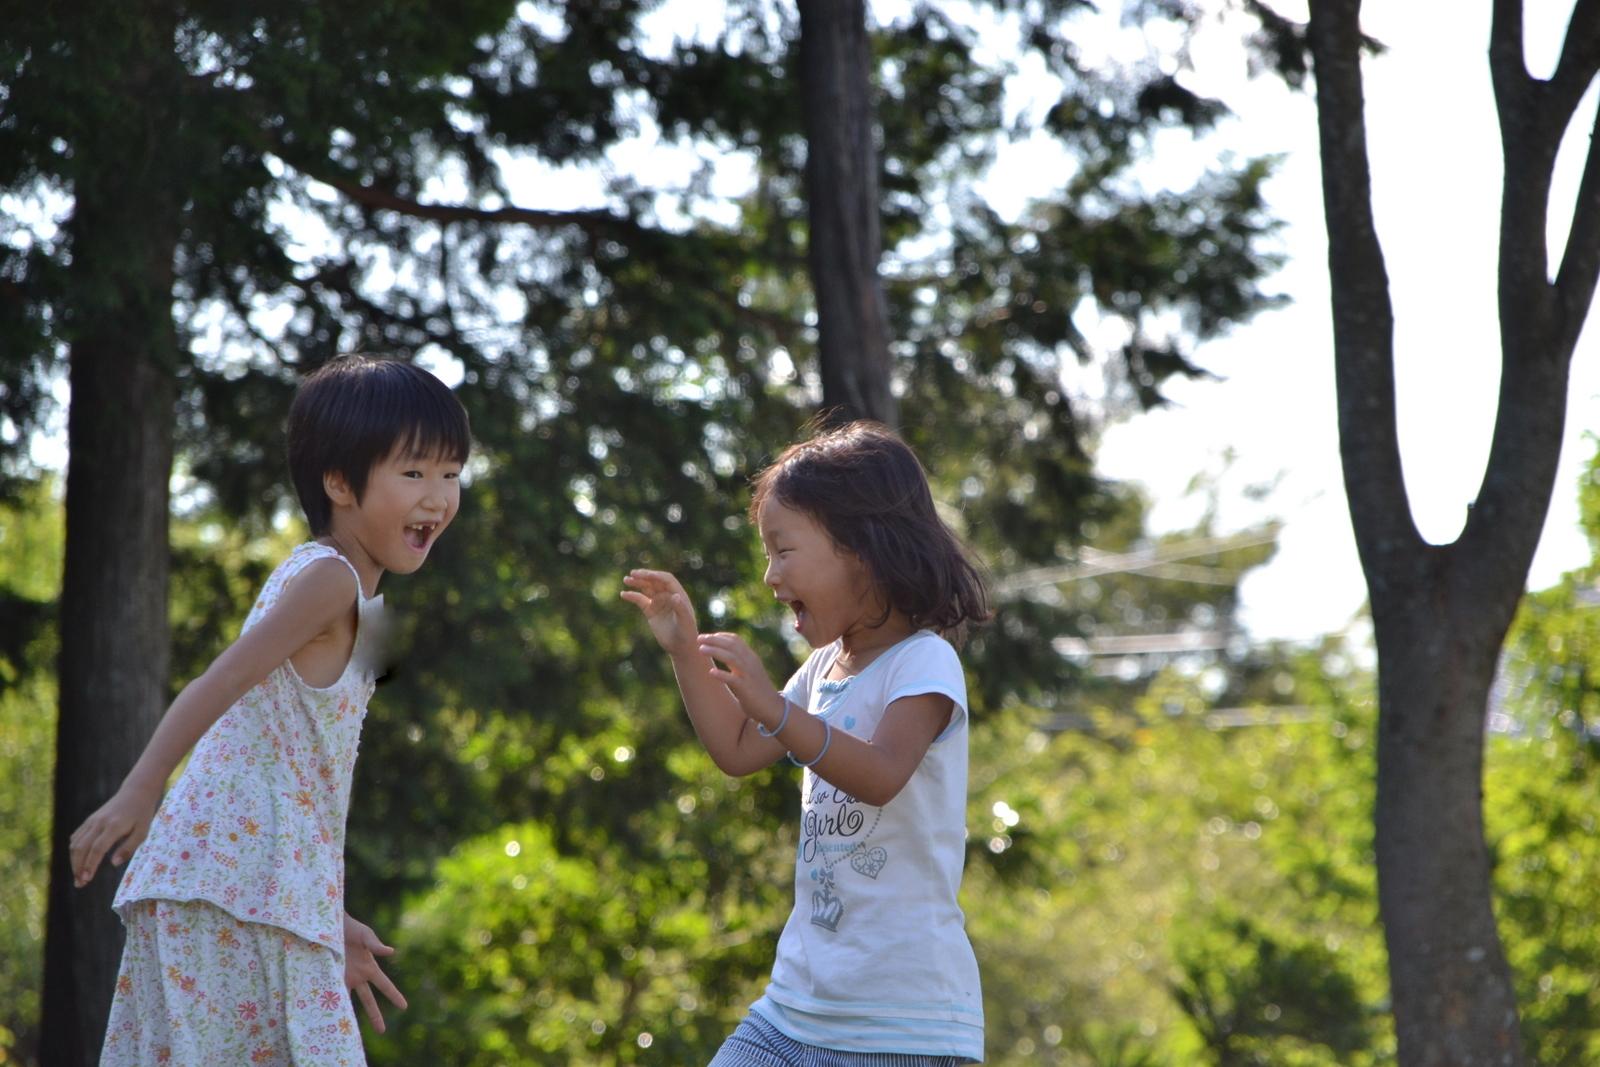 【小中学生】♪美少女らいすっき♪ 431 【天てれ・子役・素人・ボゴOK】 YouTube動画>116本 ->画像>2107枚